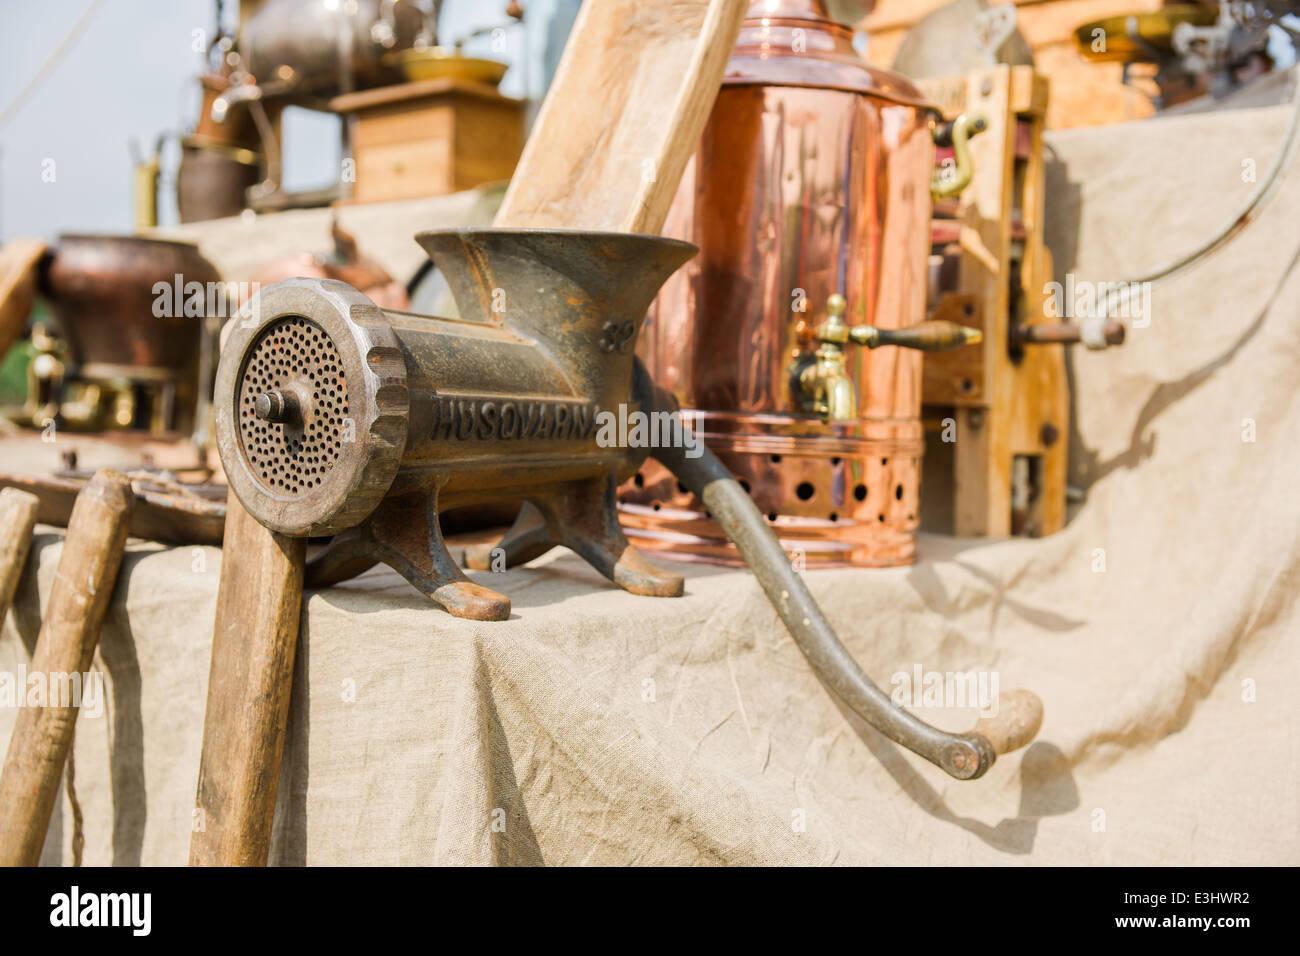 Antique meat grinder Husqvarna on sale - Stock Image